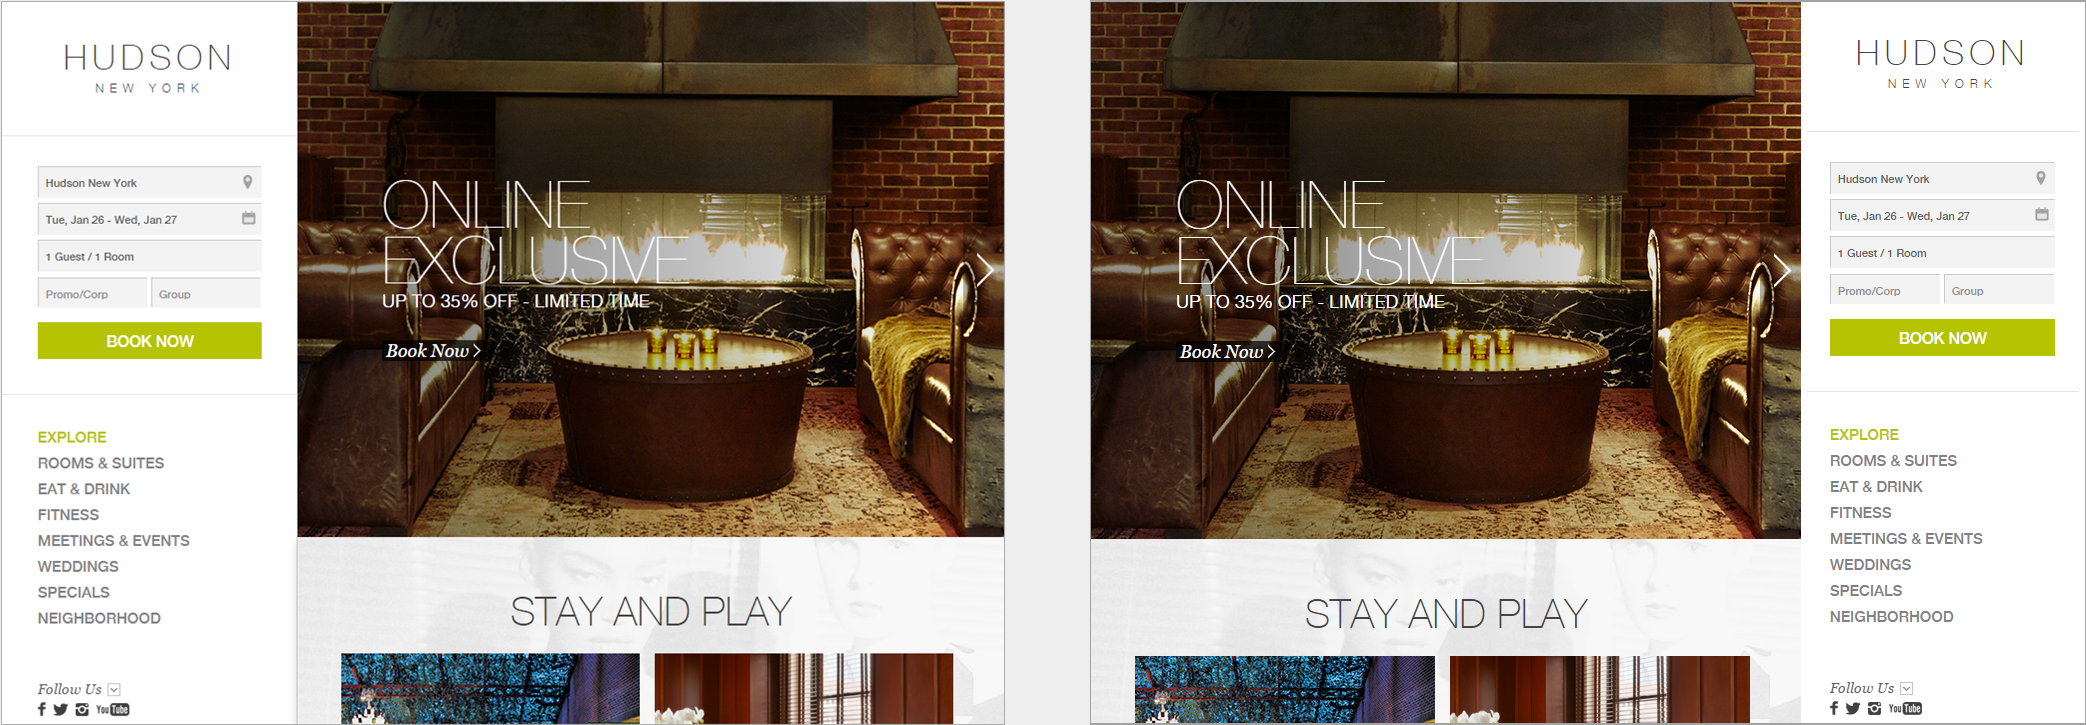 哈德逊酒店的主页(左侧)和主页的操纵版本,右侧带有徽标